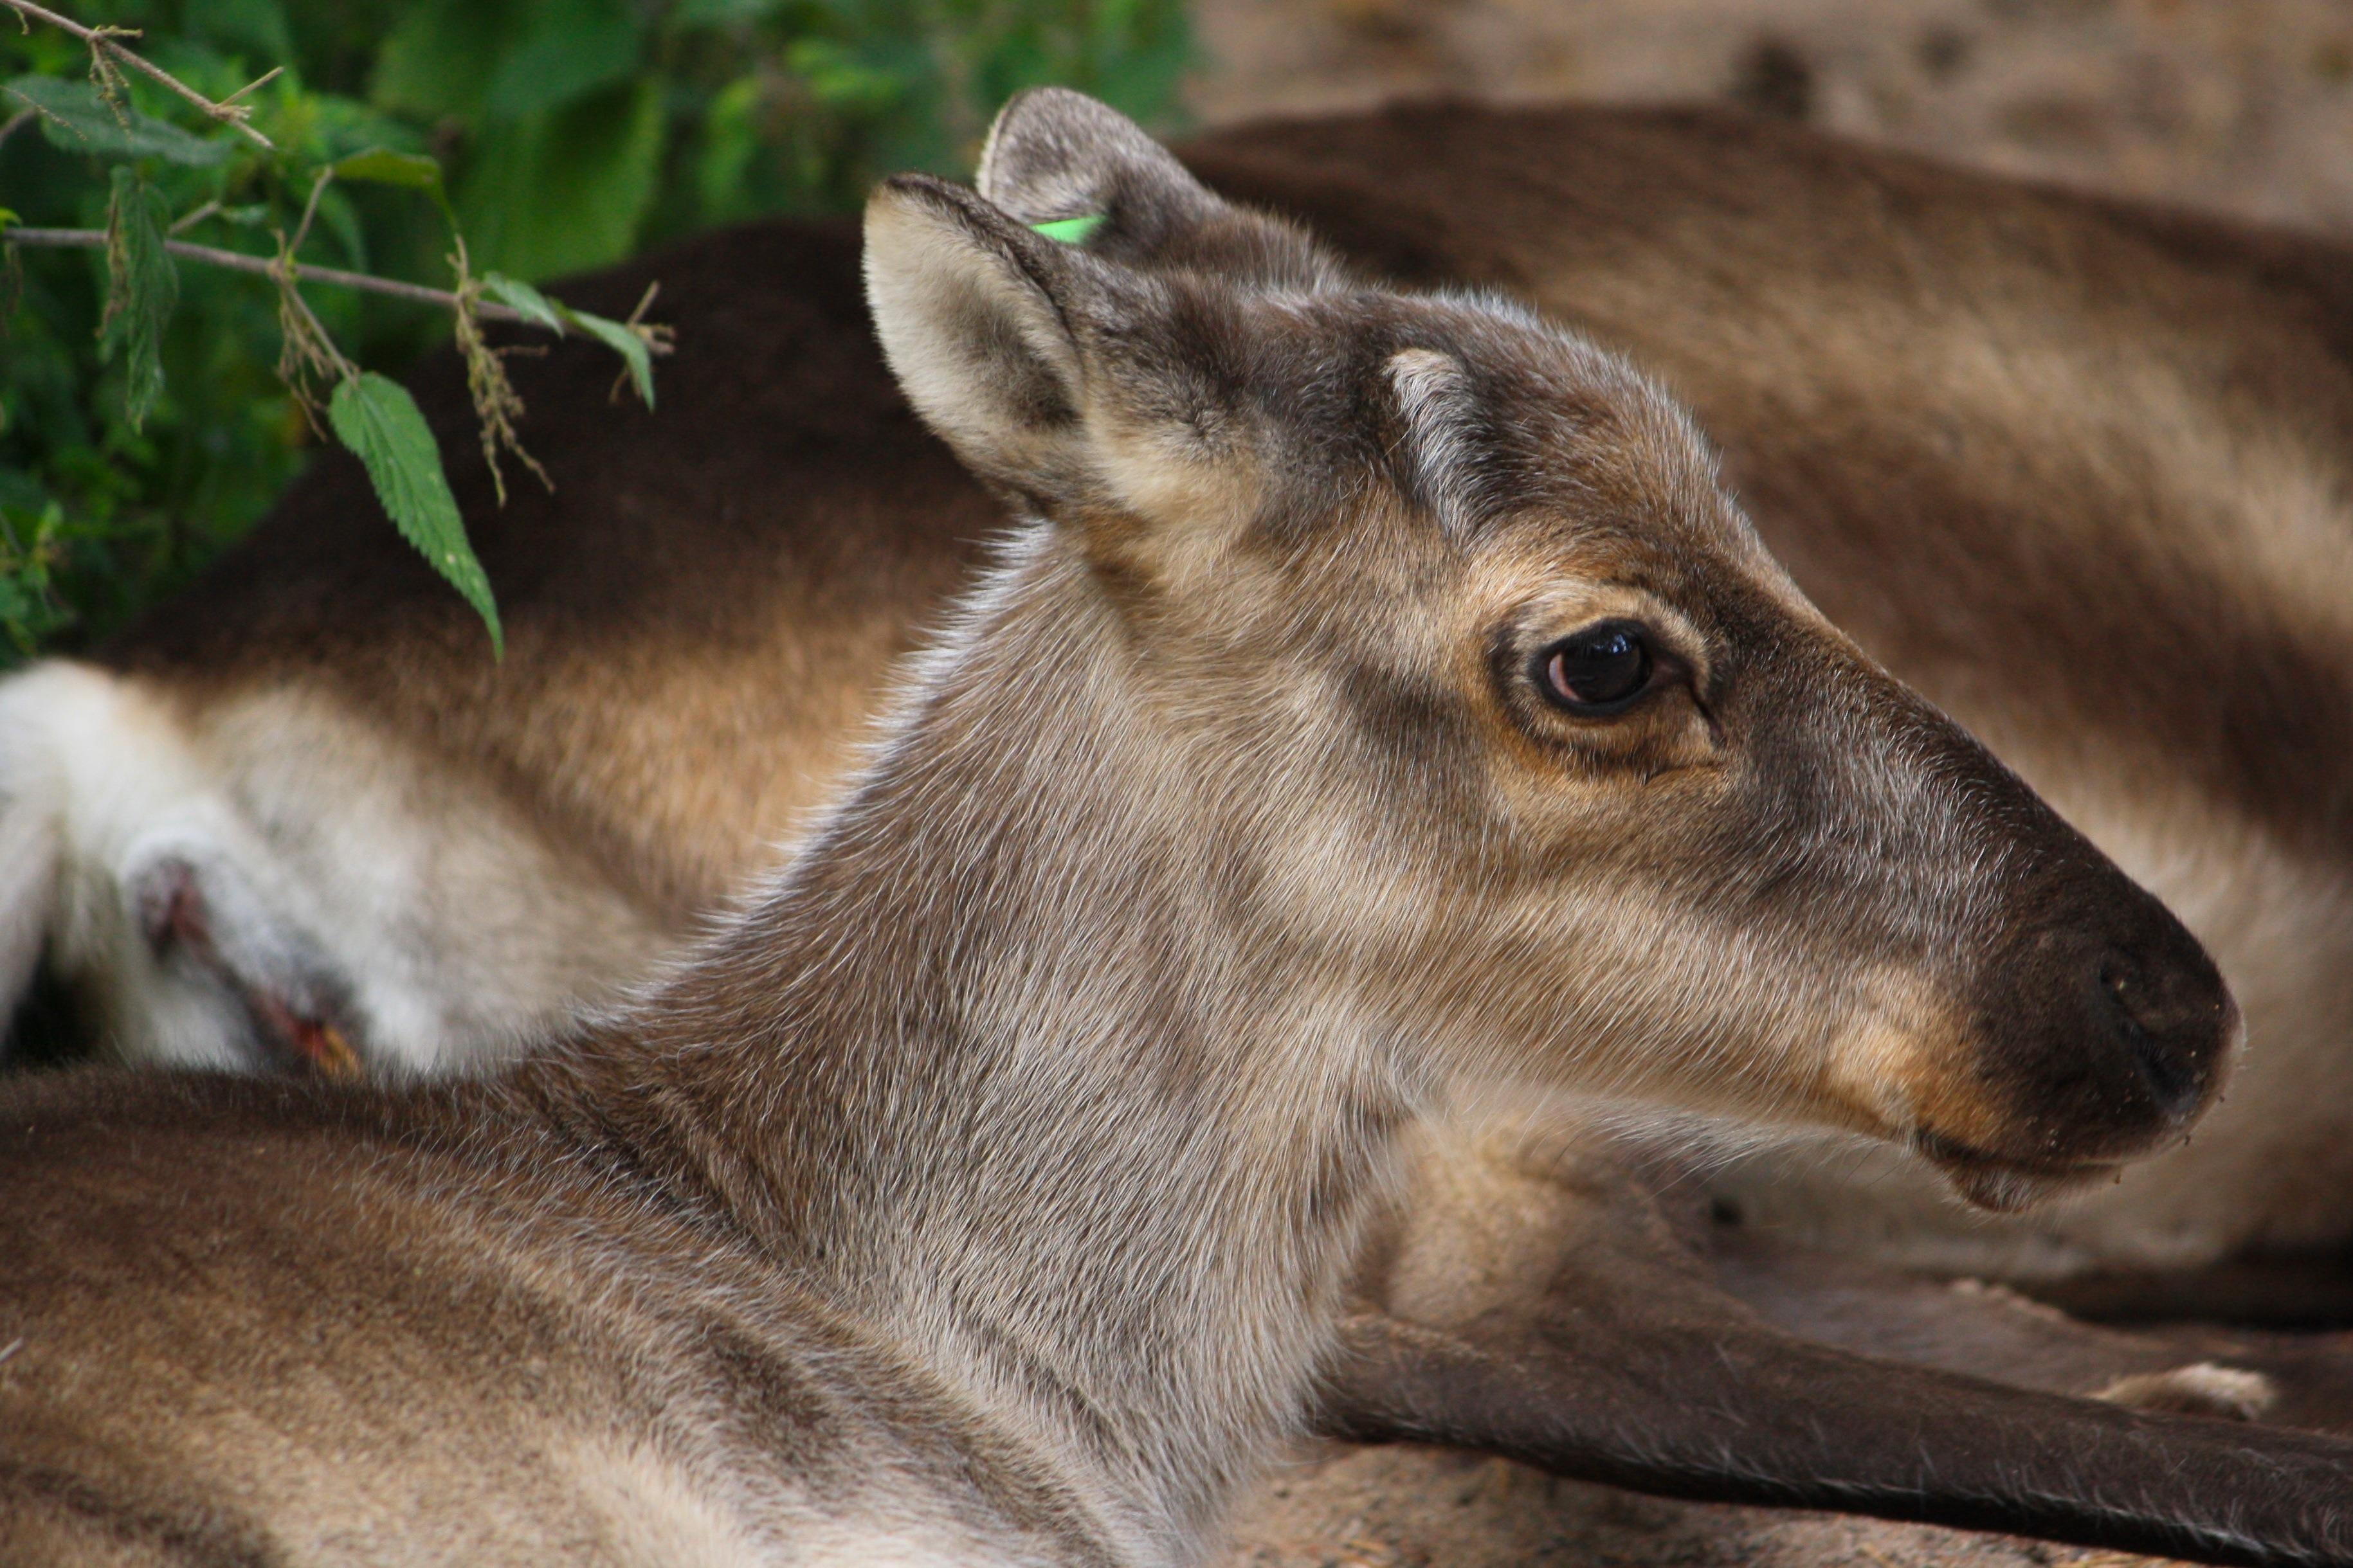 Natur Tier Tierwelt Hirsch Zoo Makro Säu ier Fauna Pflanzen Nahansicht draußen Rentier Wirbeltier Finnland Weißwedelhirsch